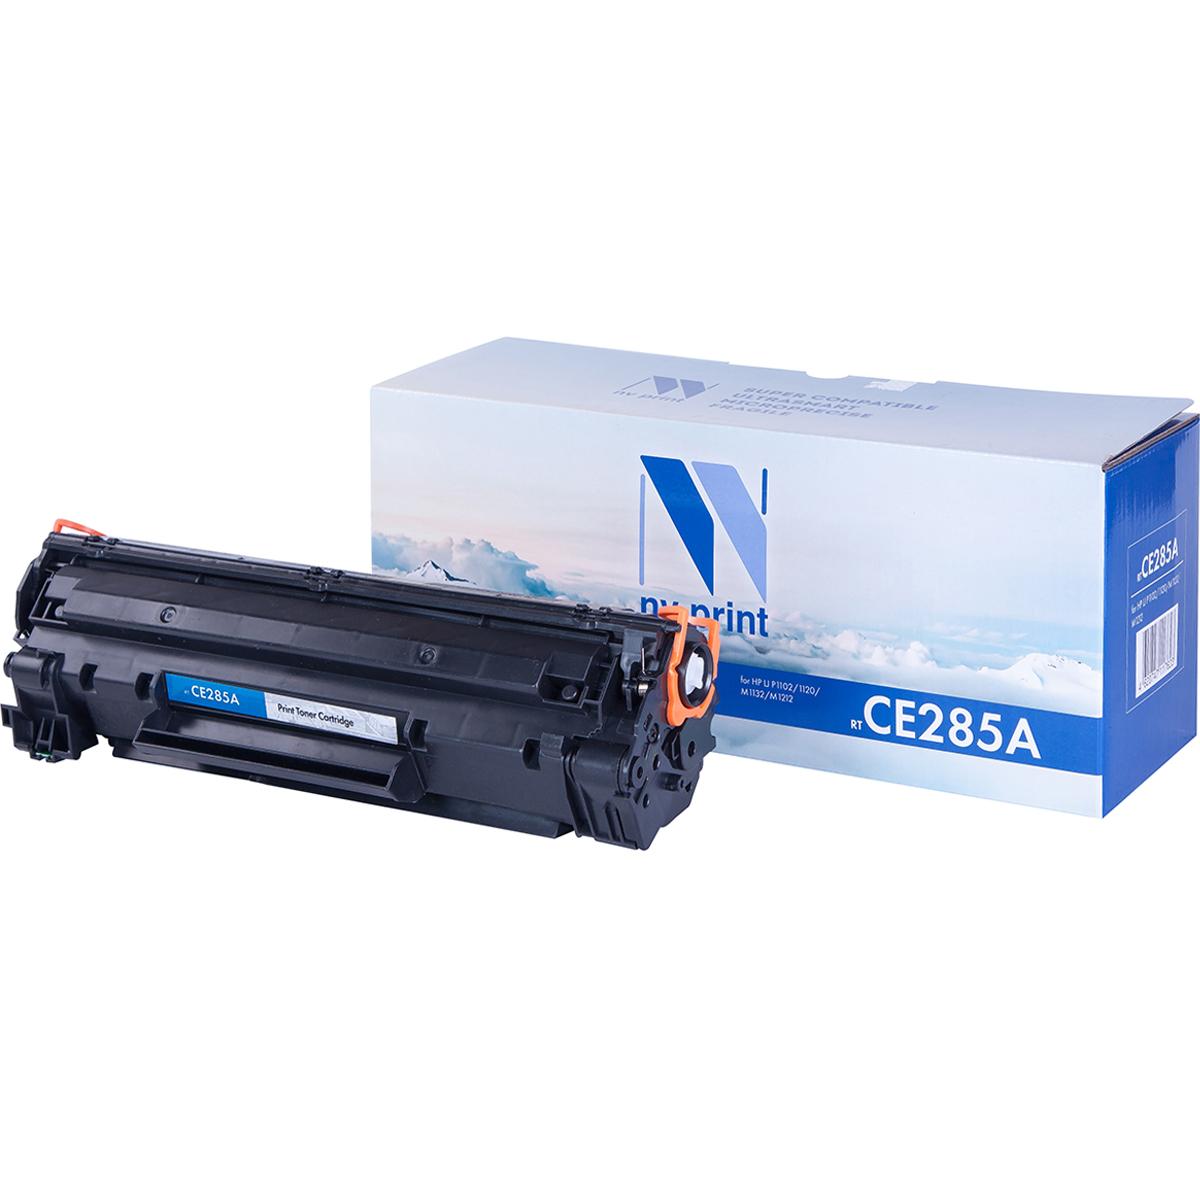 Картридж для лазерного принтера NV Print CE285A черный